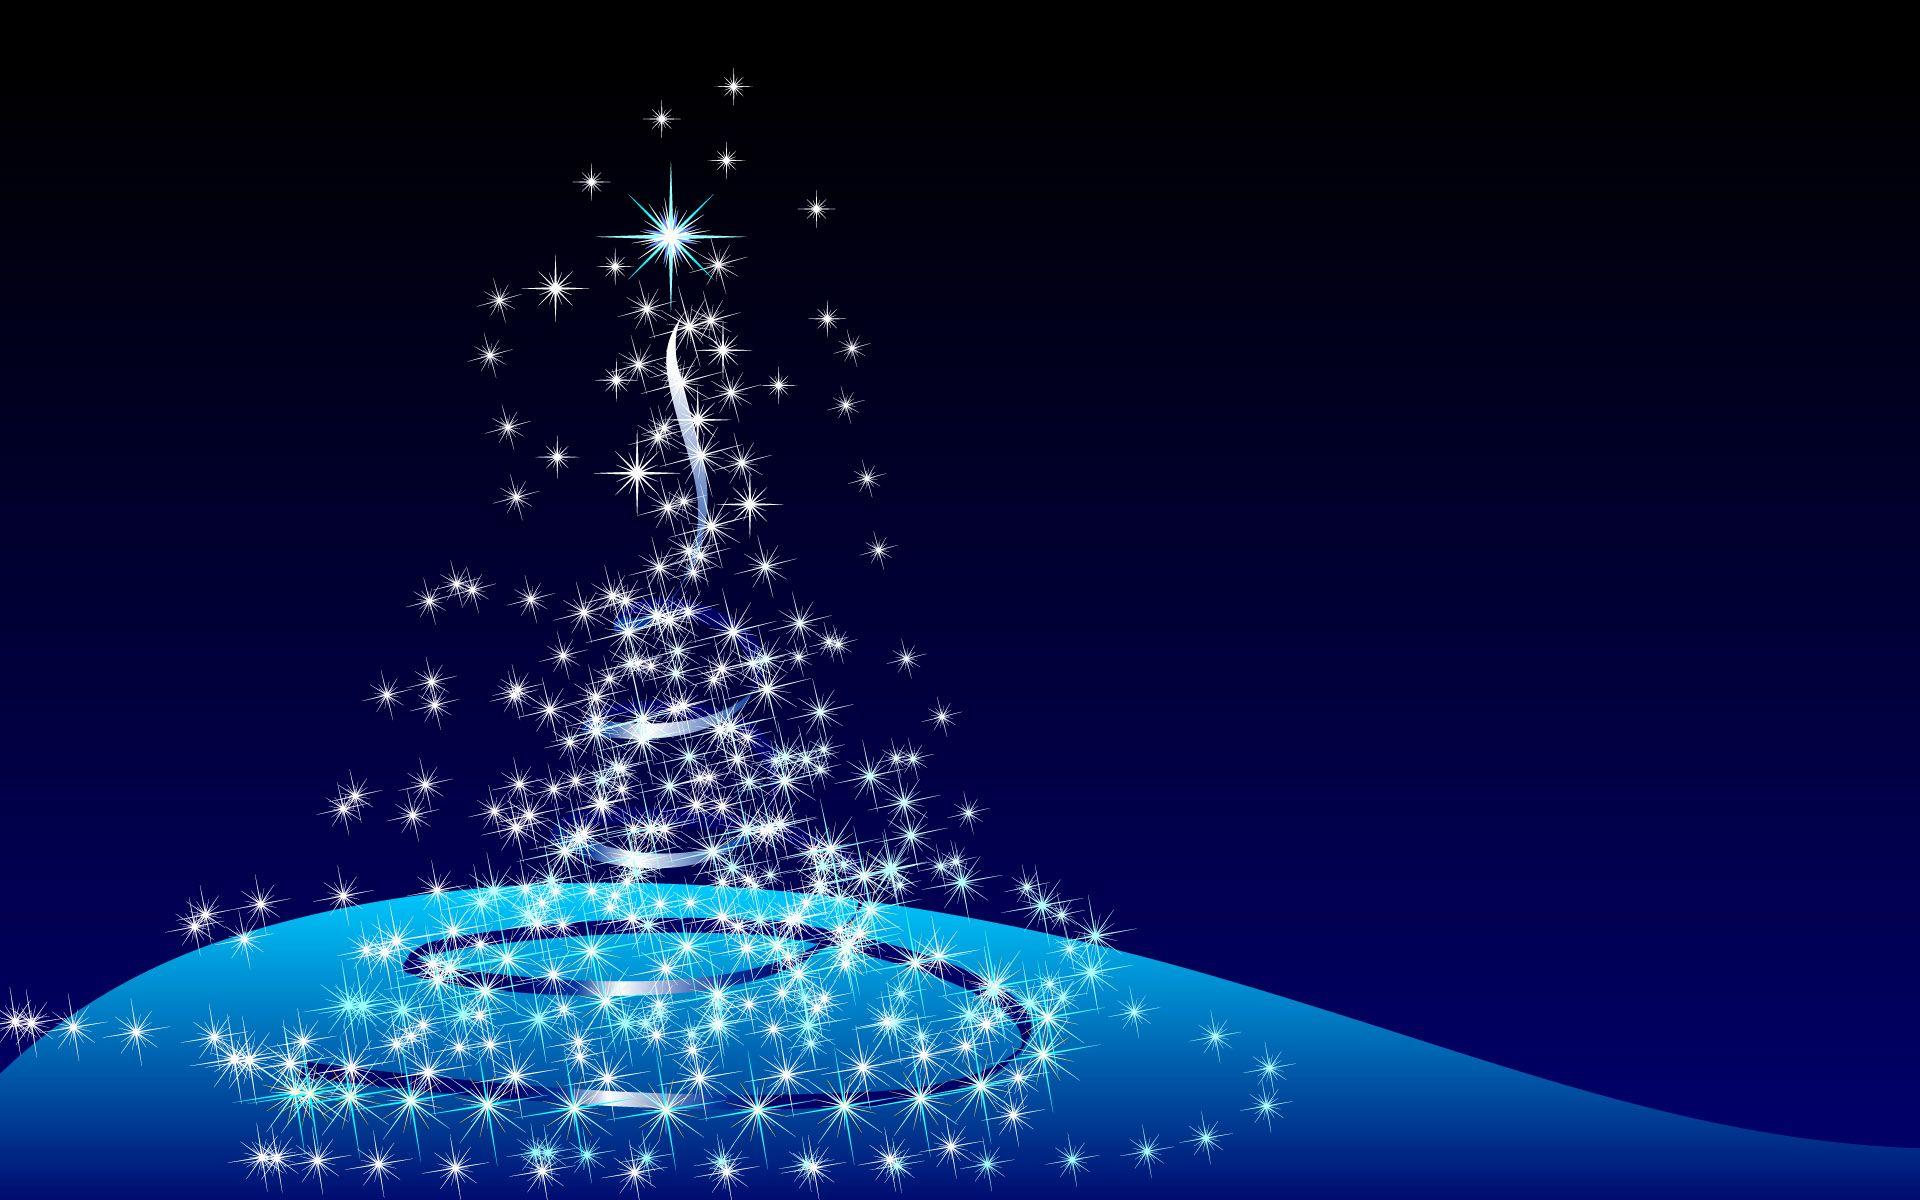 Foto Sfondi Natalizi.Sfondi Natalizi Sfondissimo Sfondi Screensaver Gratis Sfondo Natalizio Alberi Di Natale Blu Immagini Di Natale